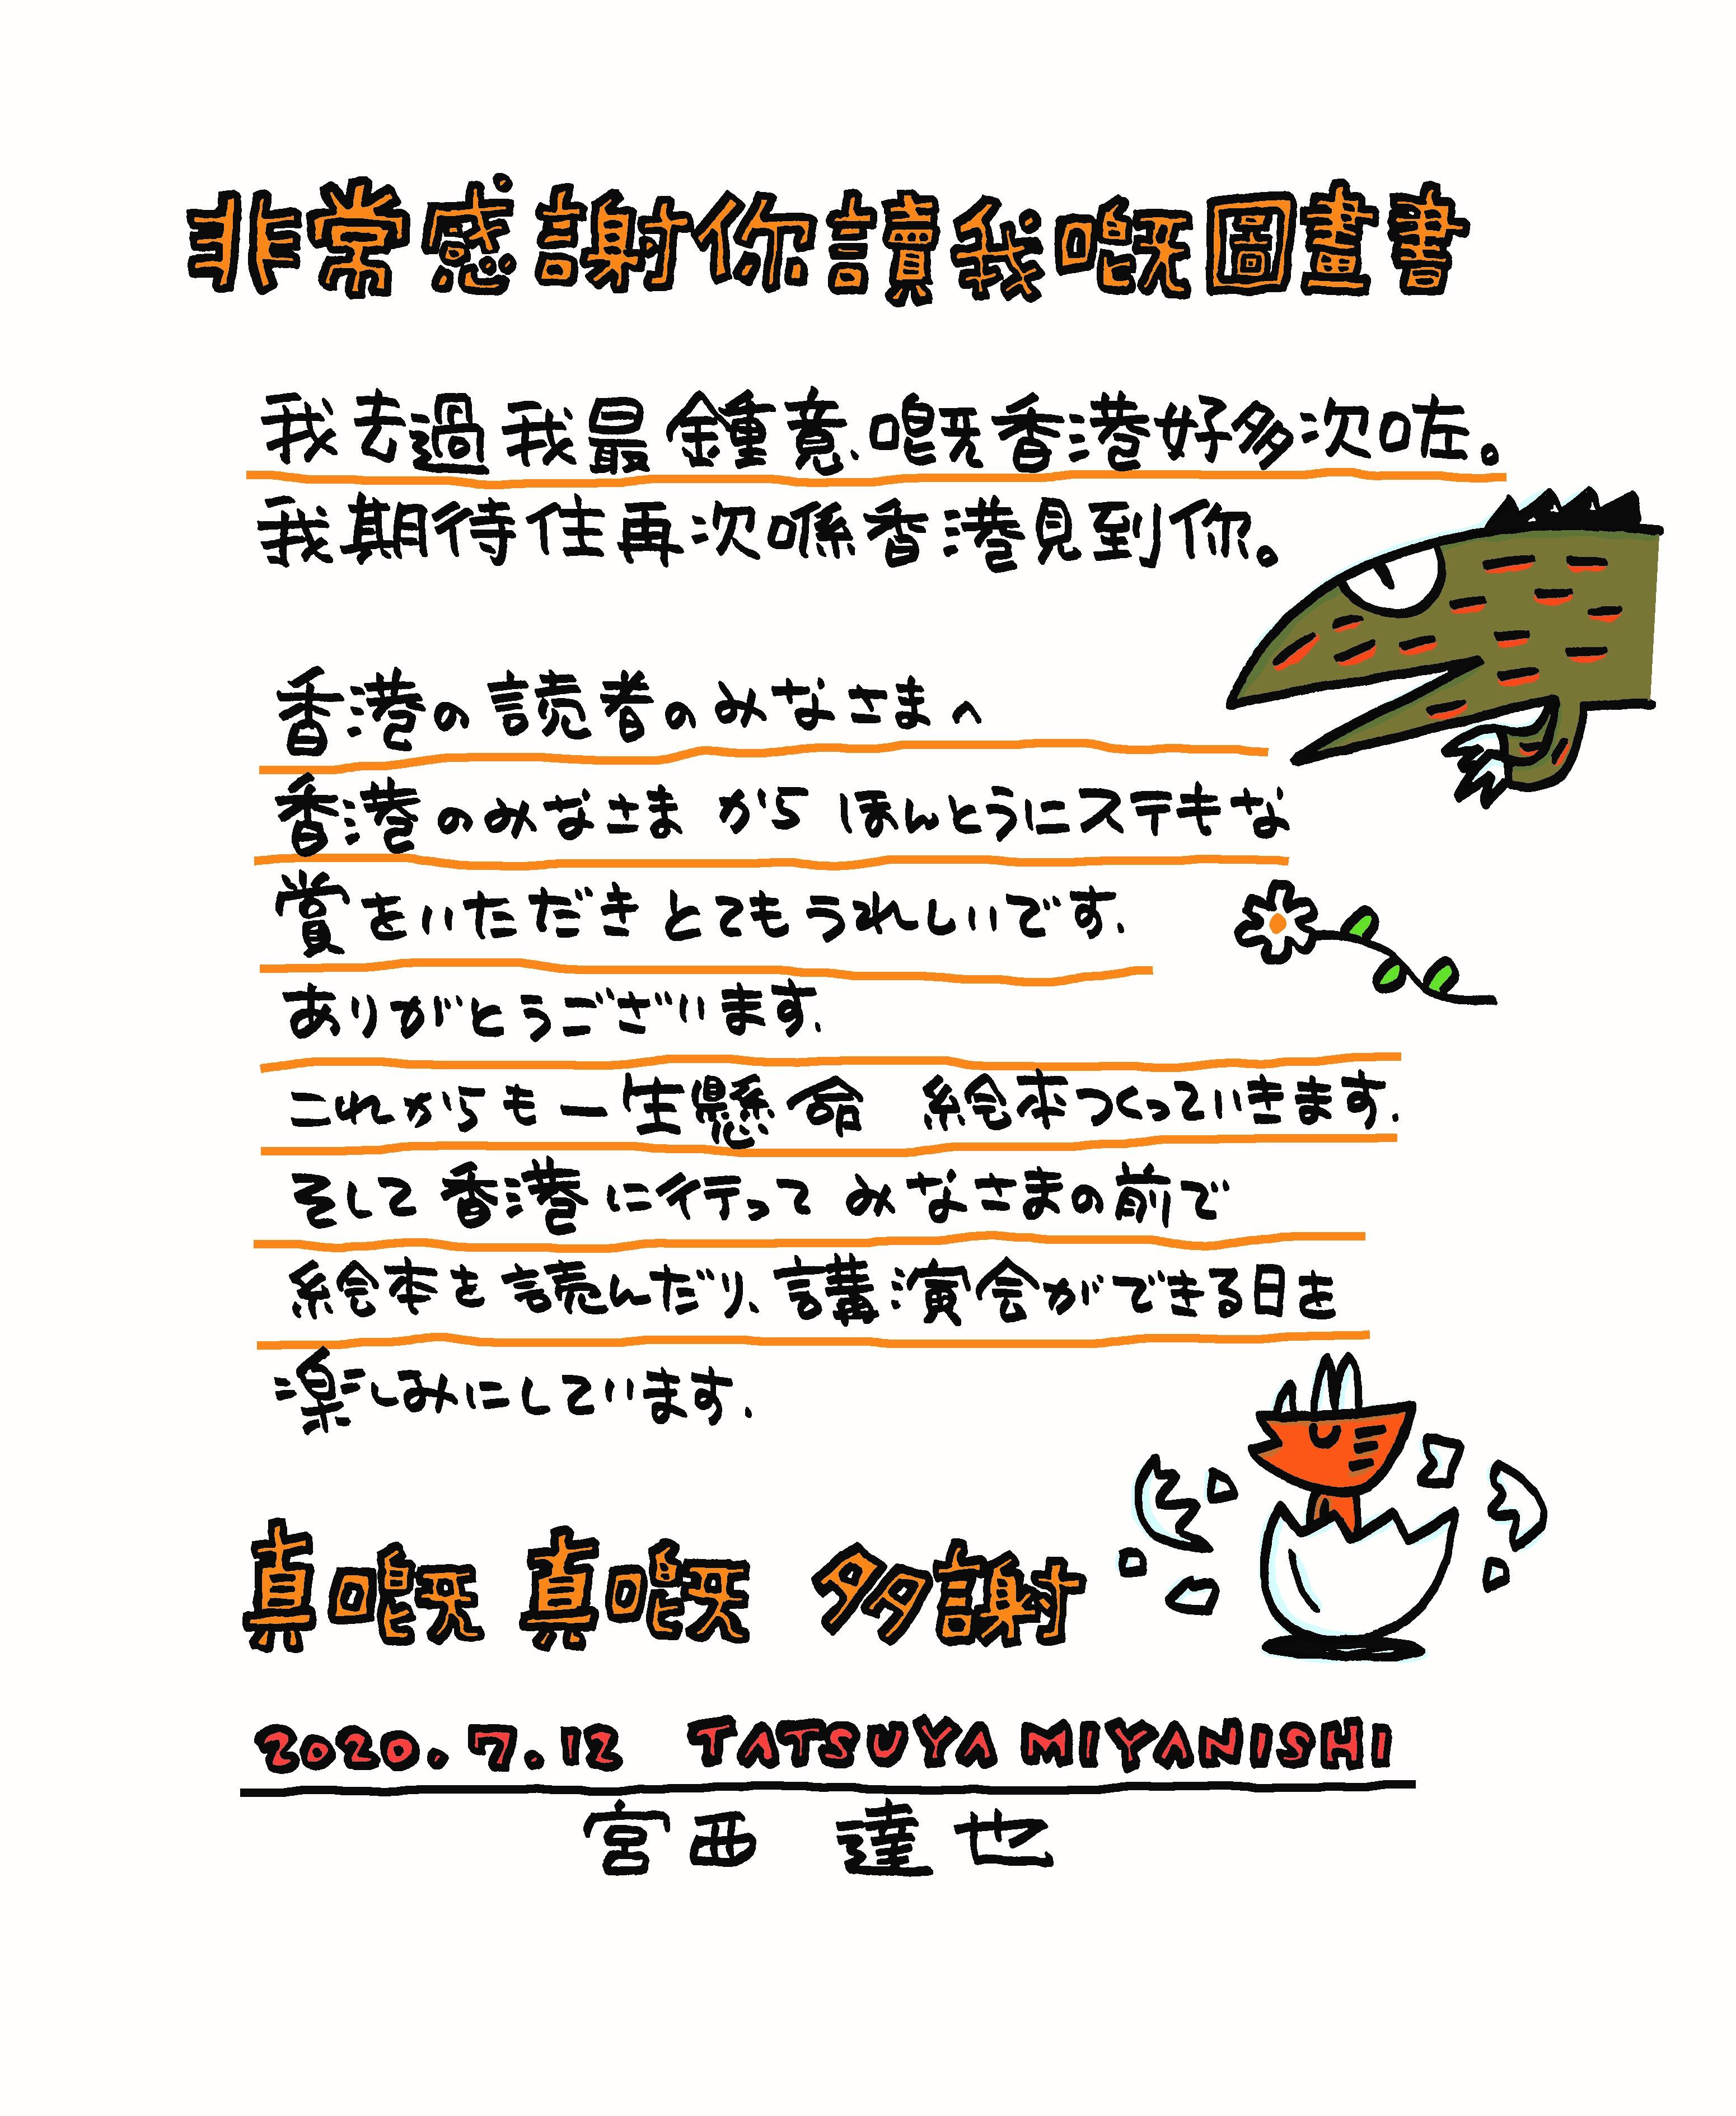 17th_sectea_10th.jpg